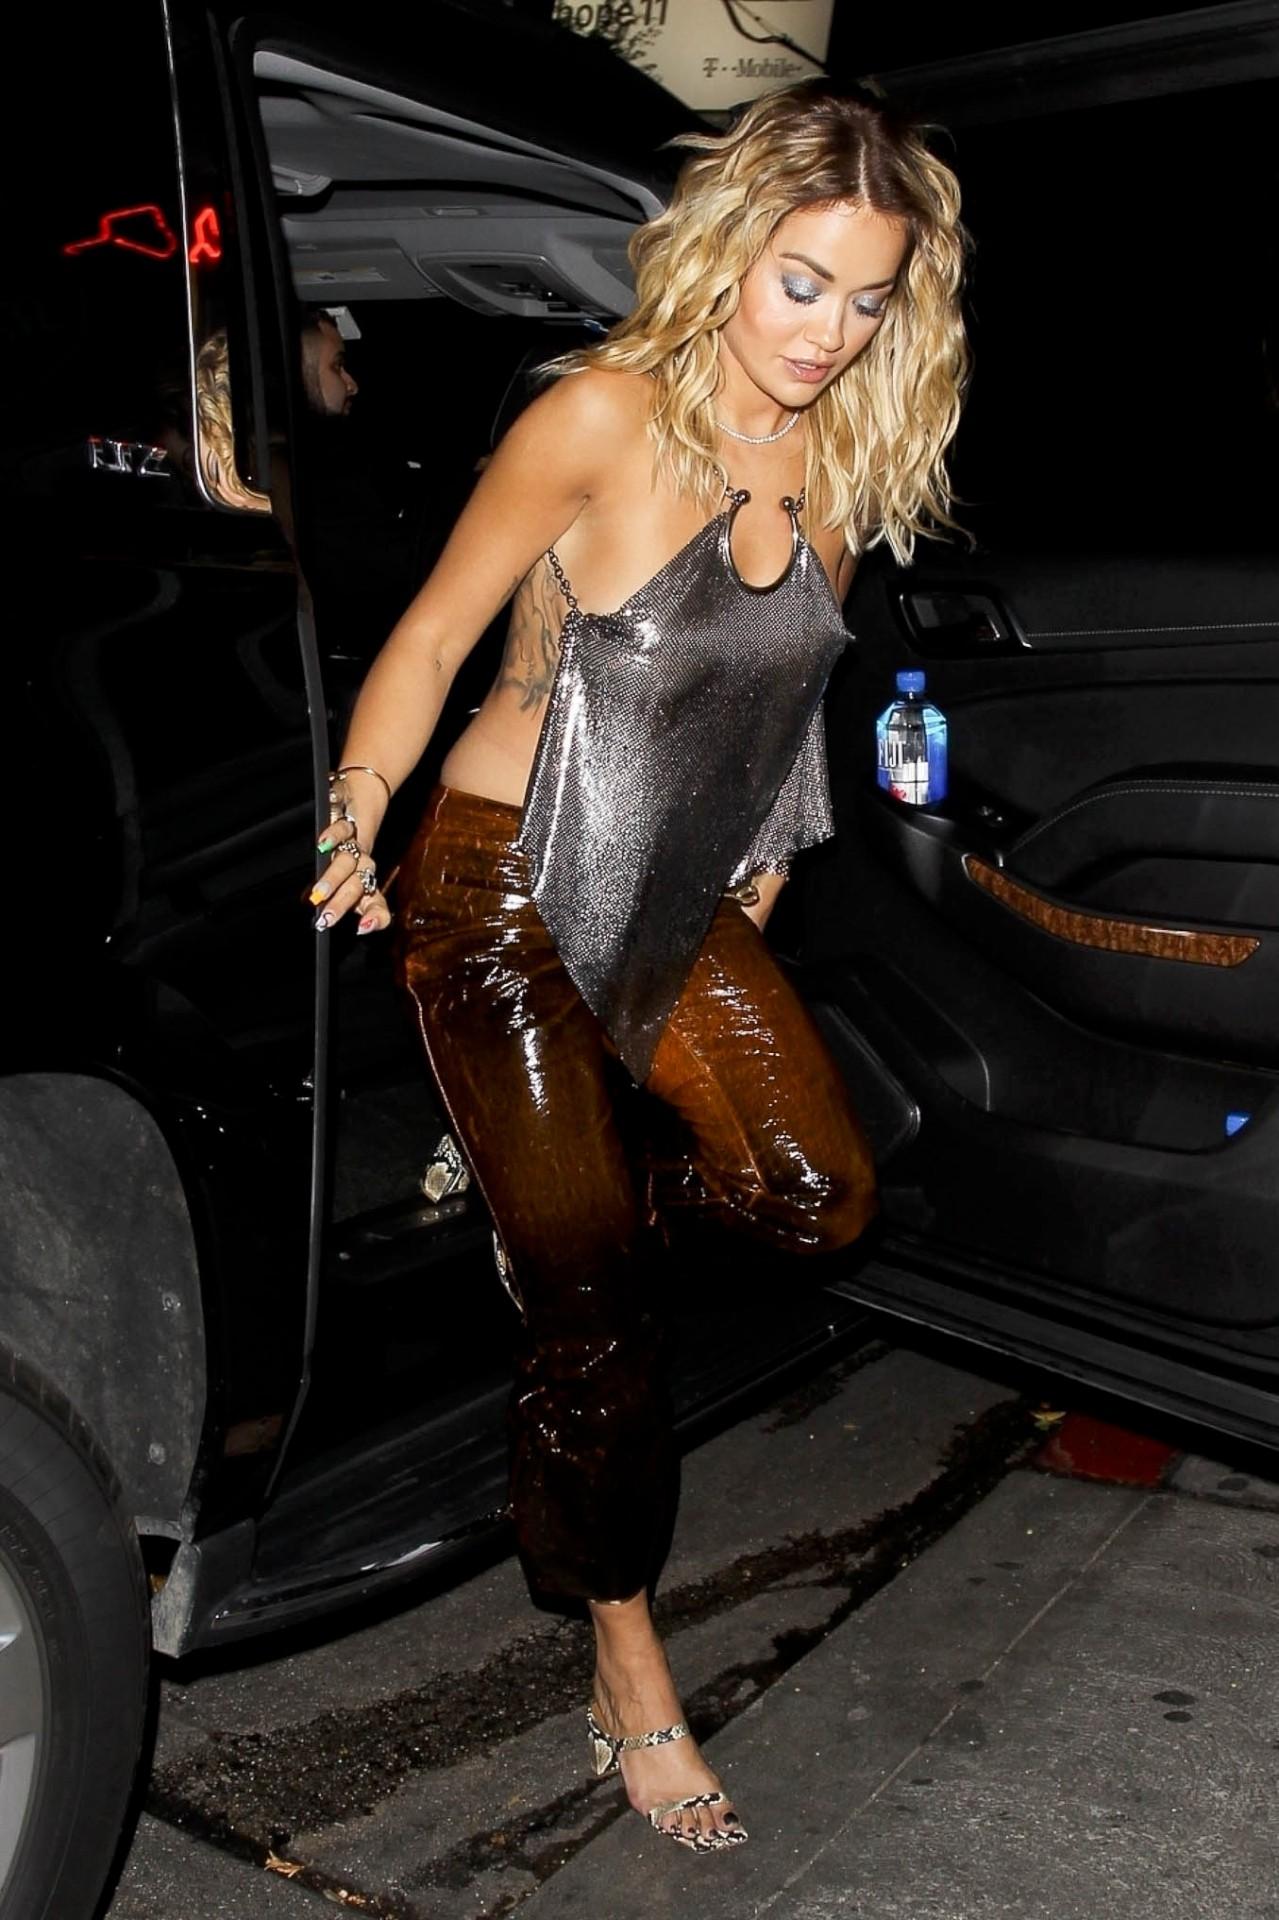 Rita Ora Hot Braless Boobs